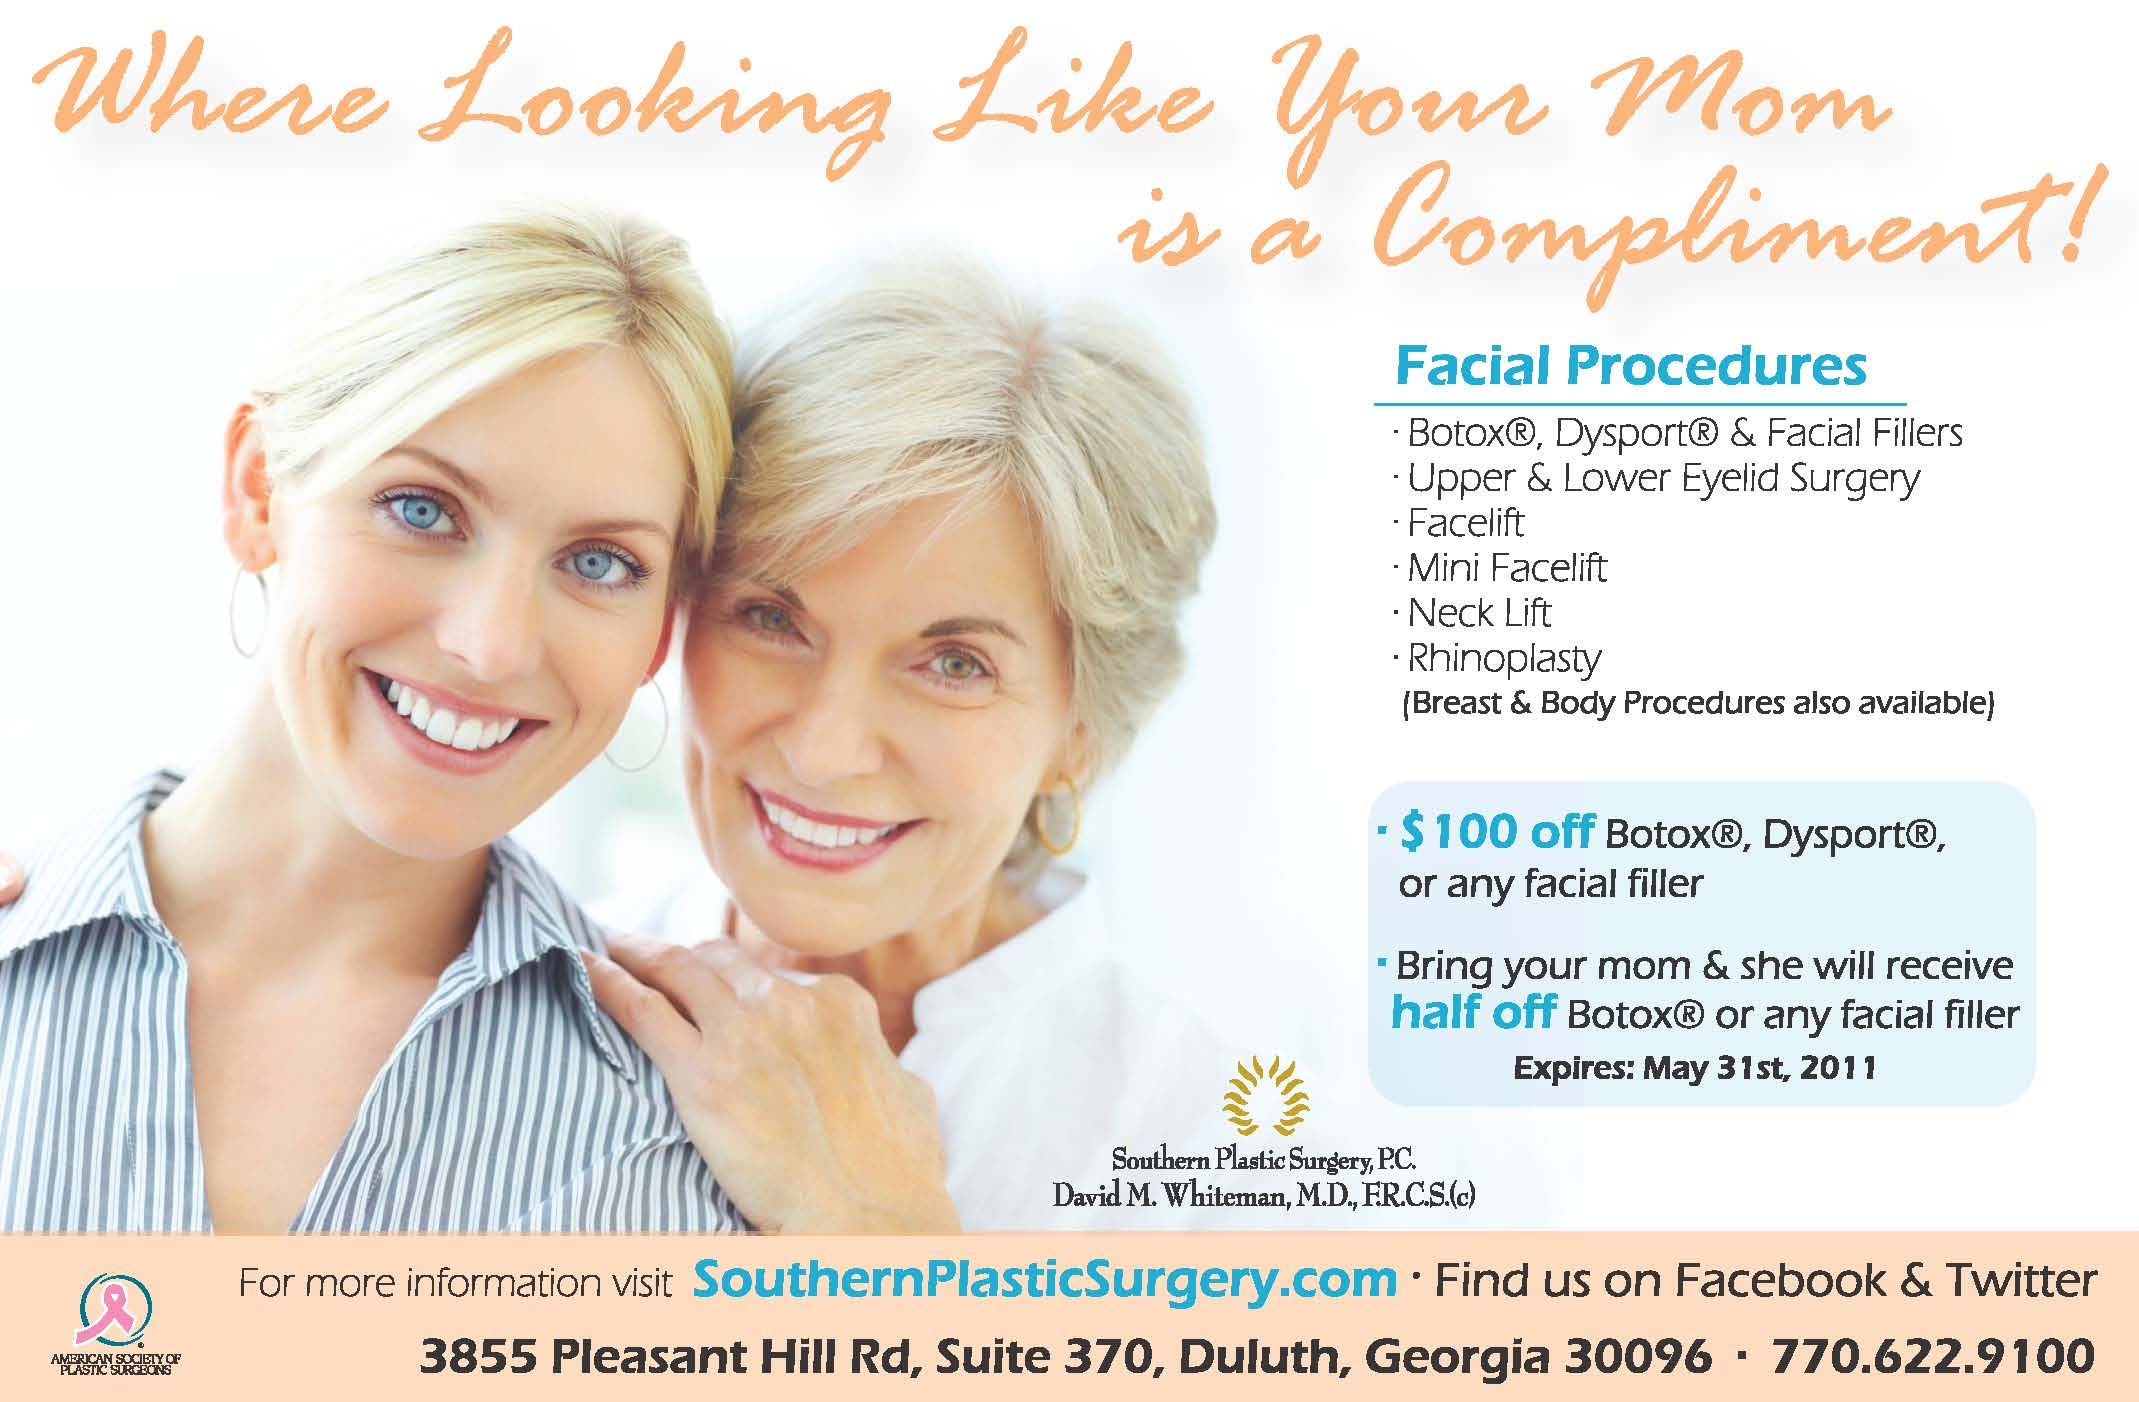 facial filler specials   Laser Lights Cosmetic Laser Center